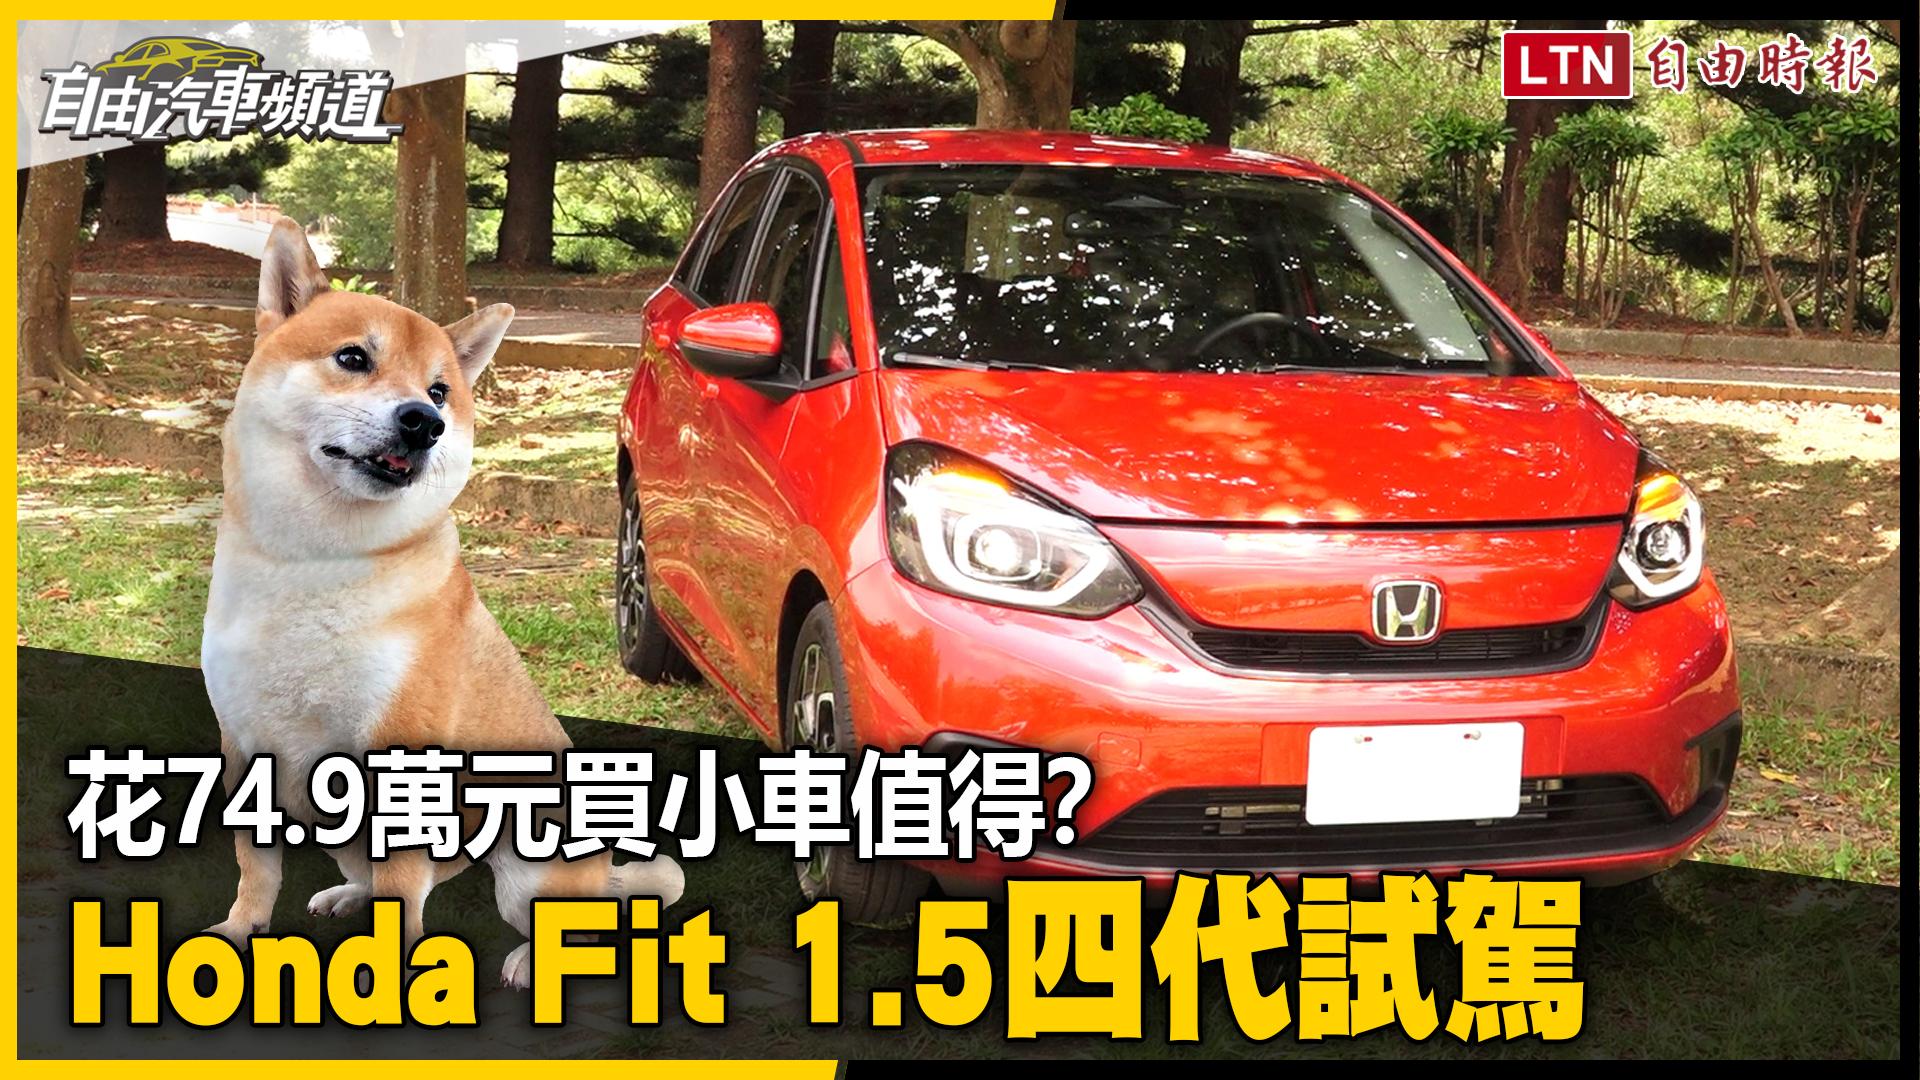 花74.9萬元買小車值得?Honda Fit 1.5四代試駕